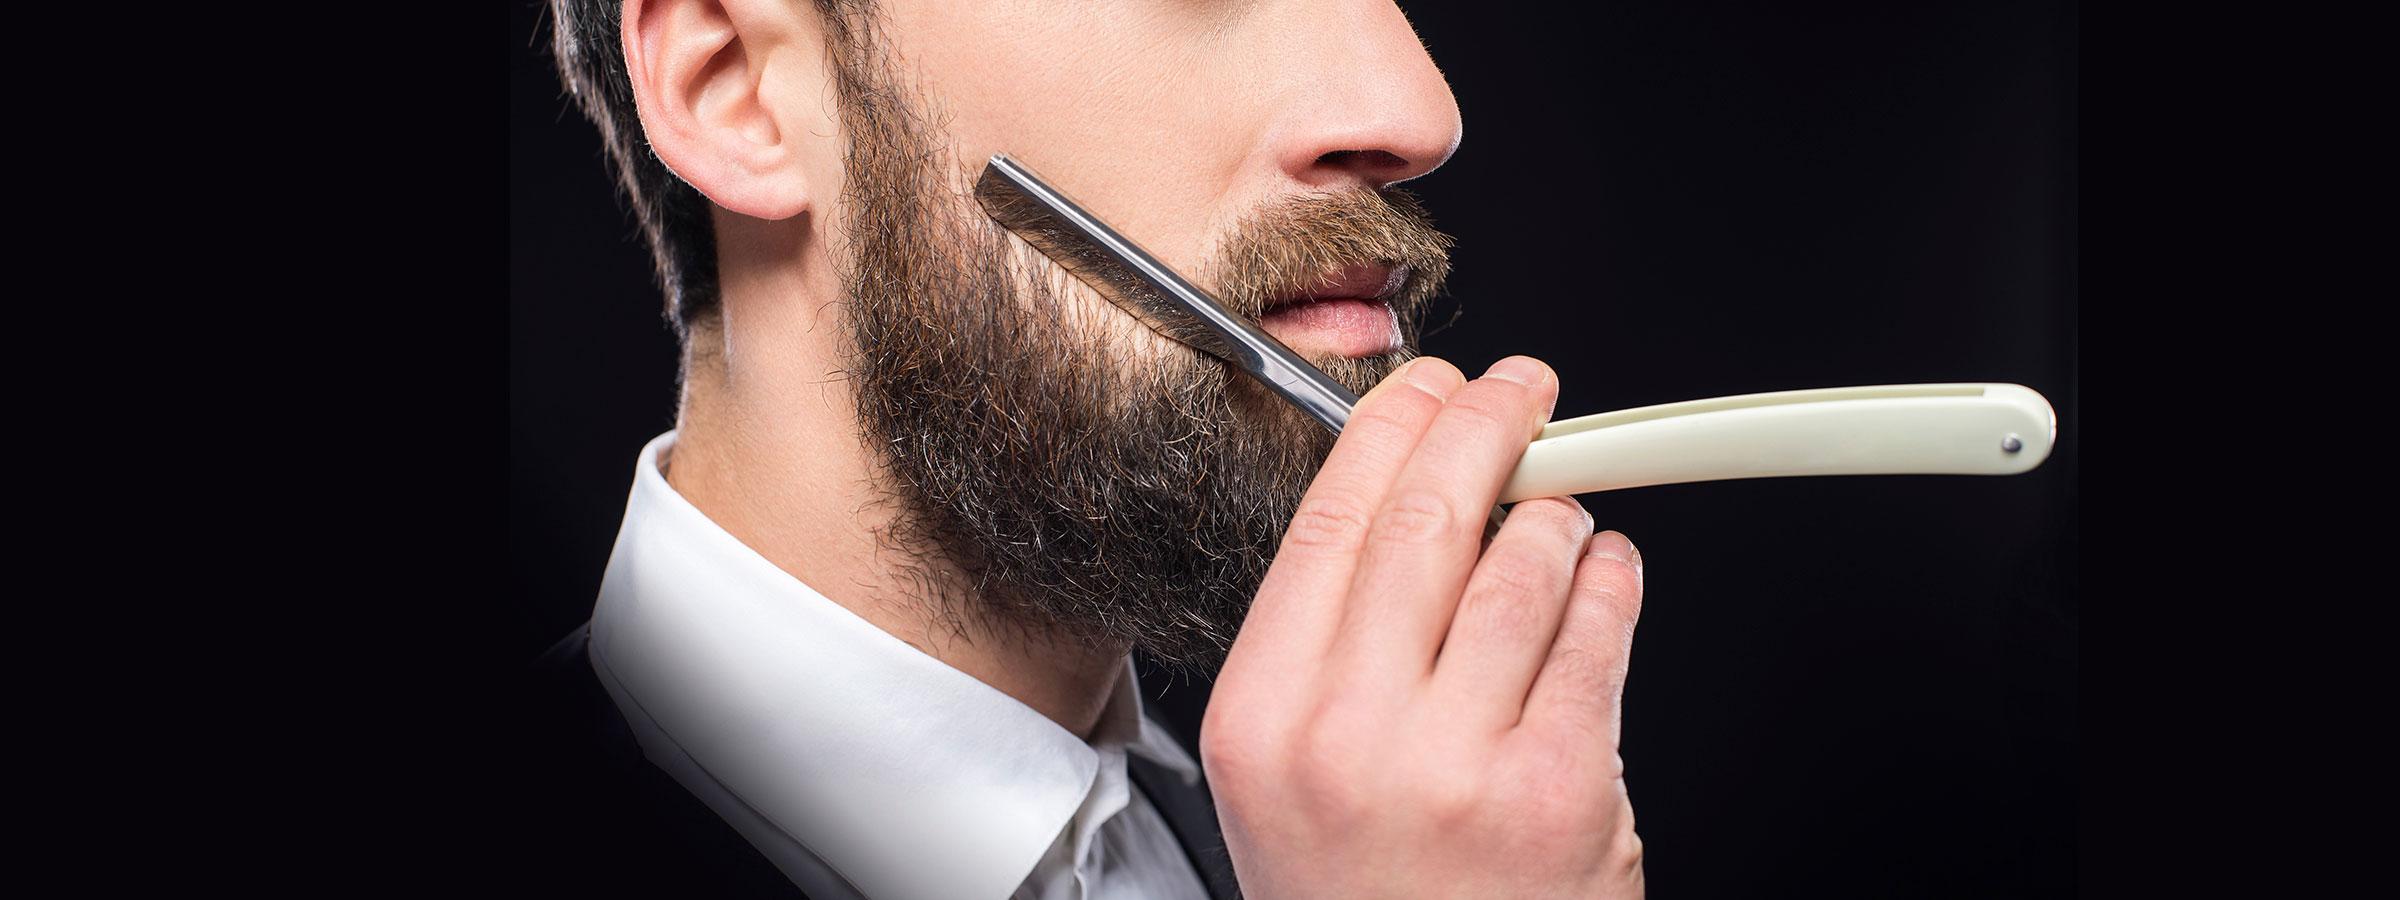 Curso Barbería y Afeitado7 Horas